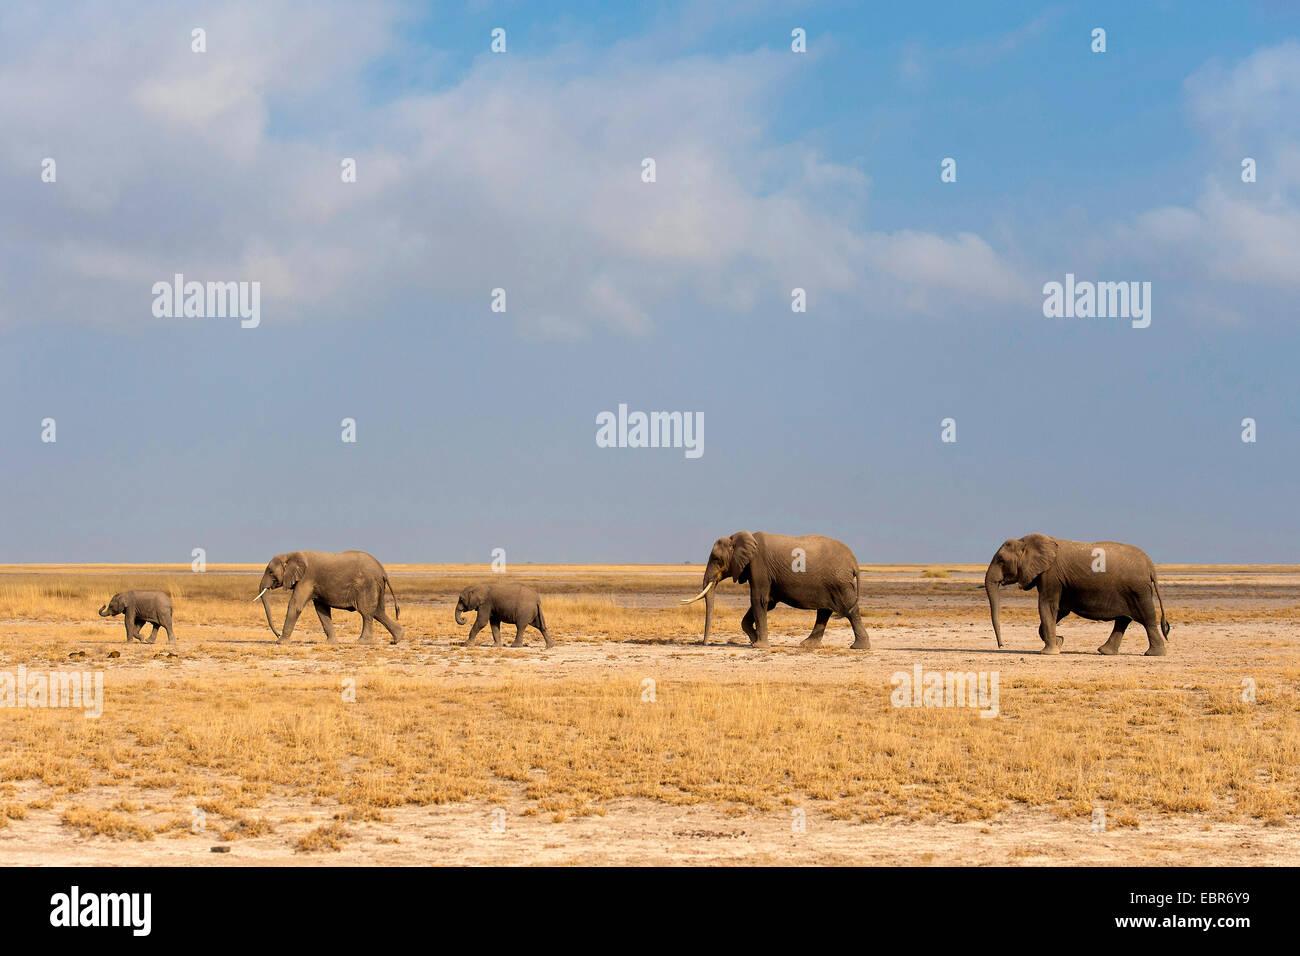 African elephant (Loxodonta africana), family of elephants walking through the savannah, Kenya, Amboseli National - Stock Image